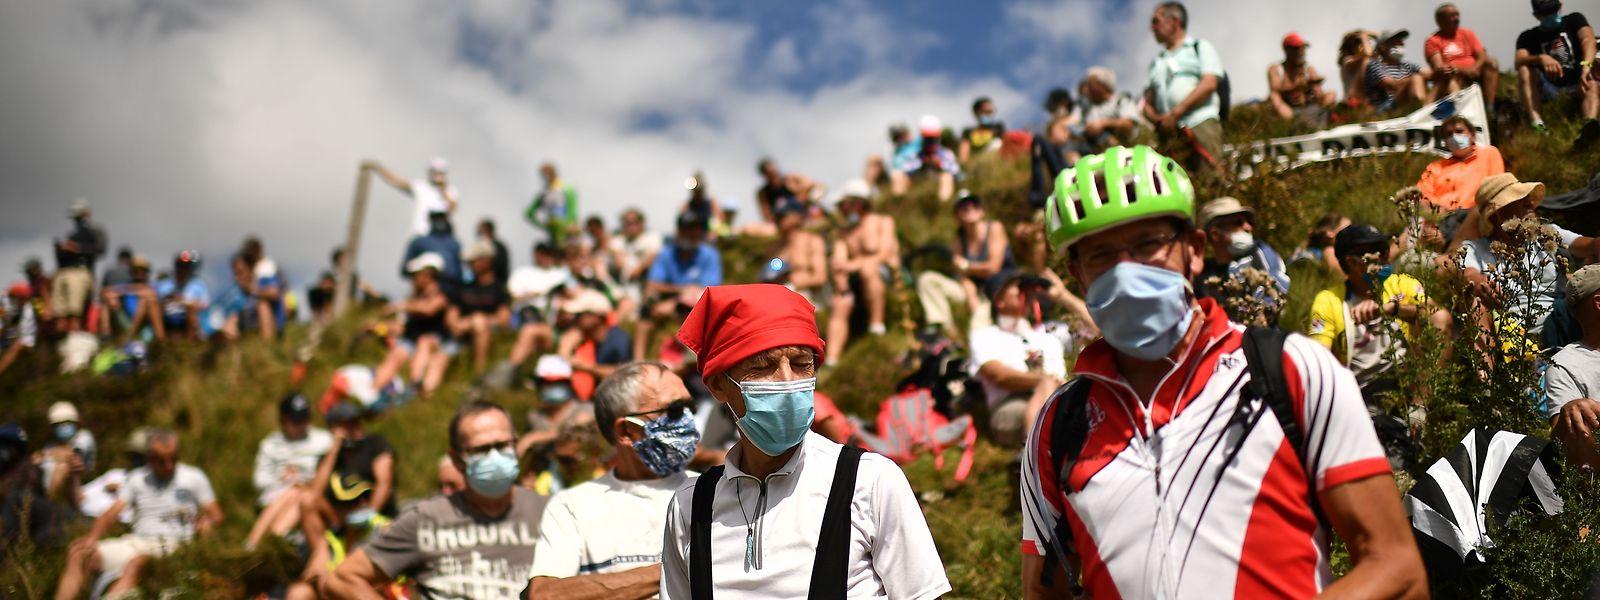 Vorblidlich: Diese Zuschauer tragen eine Maske, aber längst nicht alle.